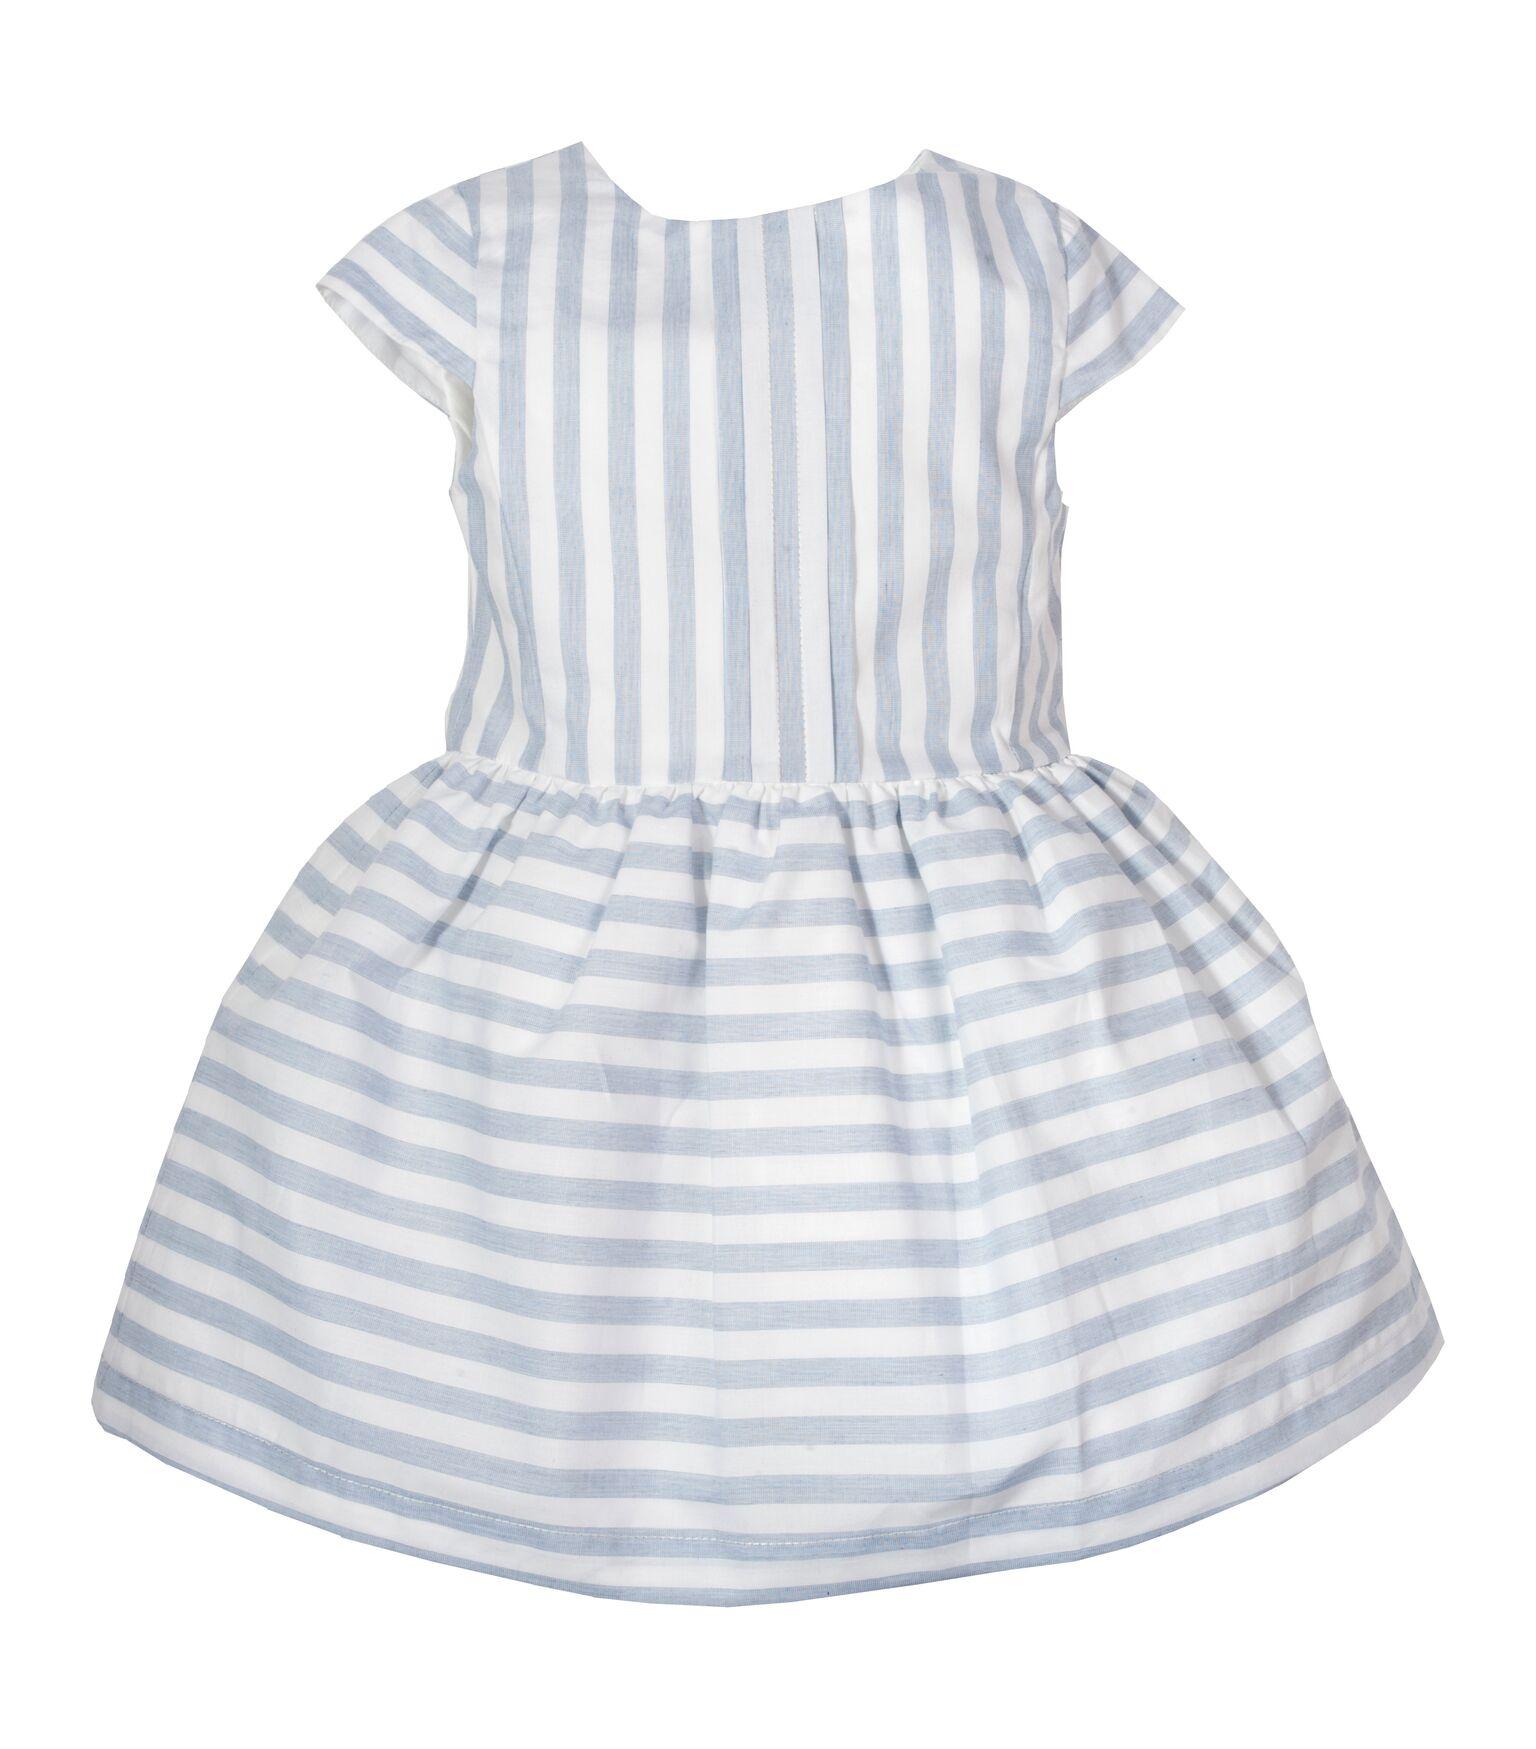 8a7445713a49 LARANJINHA GIRLS WHITE   SKY BLUE STRIPED DRESS REF.  CV824 ...